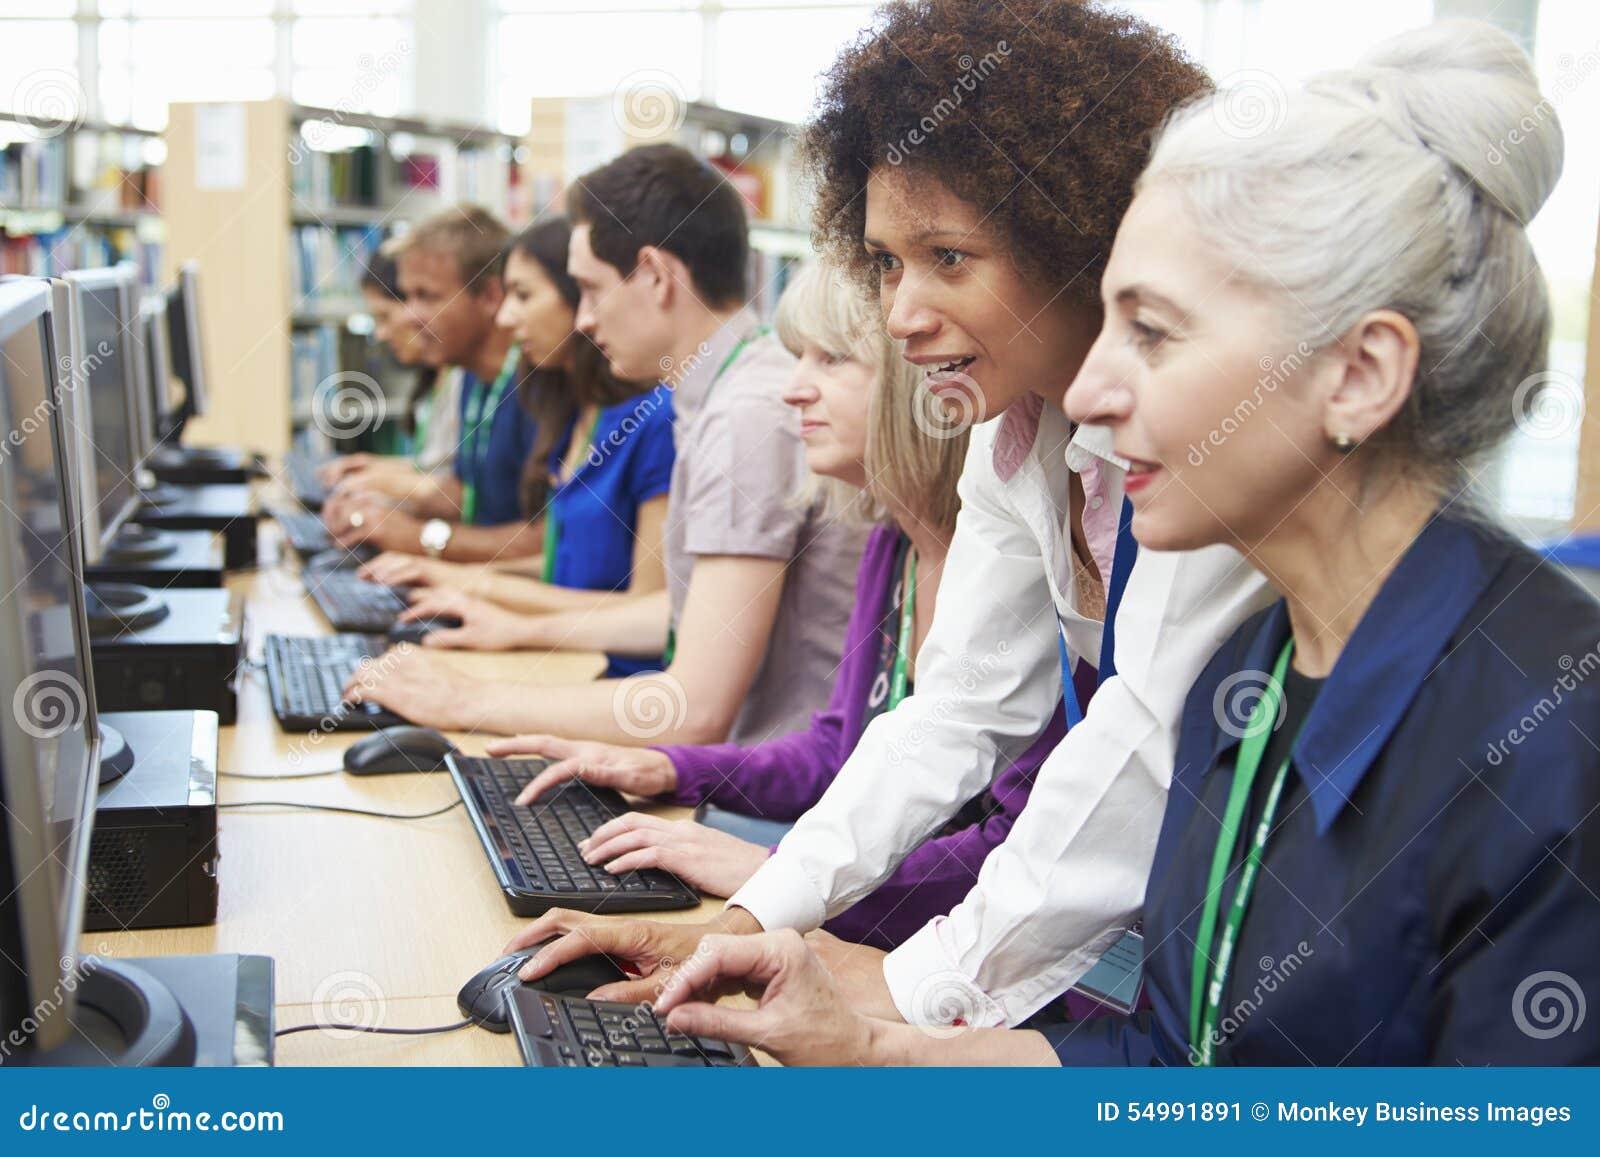 Gruppen av mogna studenter som arbetar på datorer med, handleder